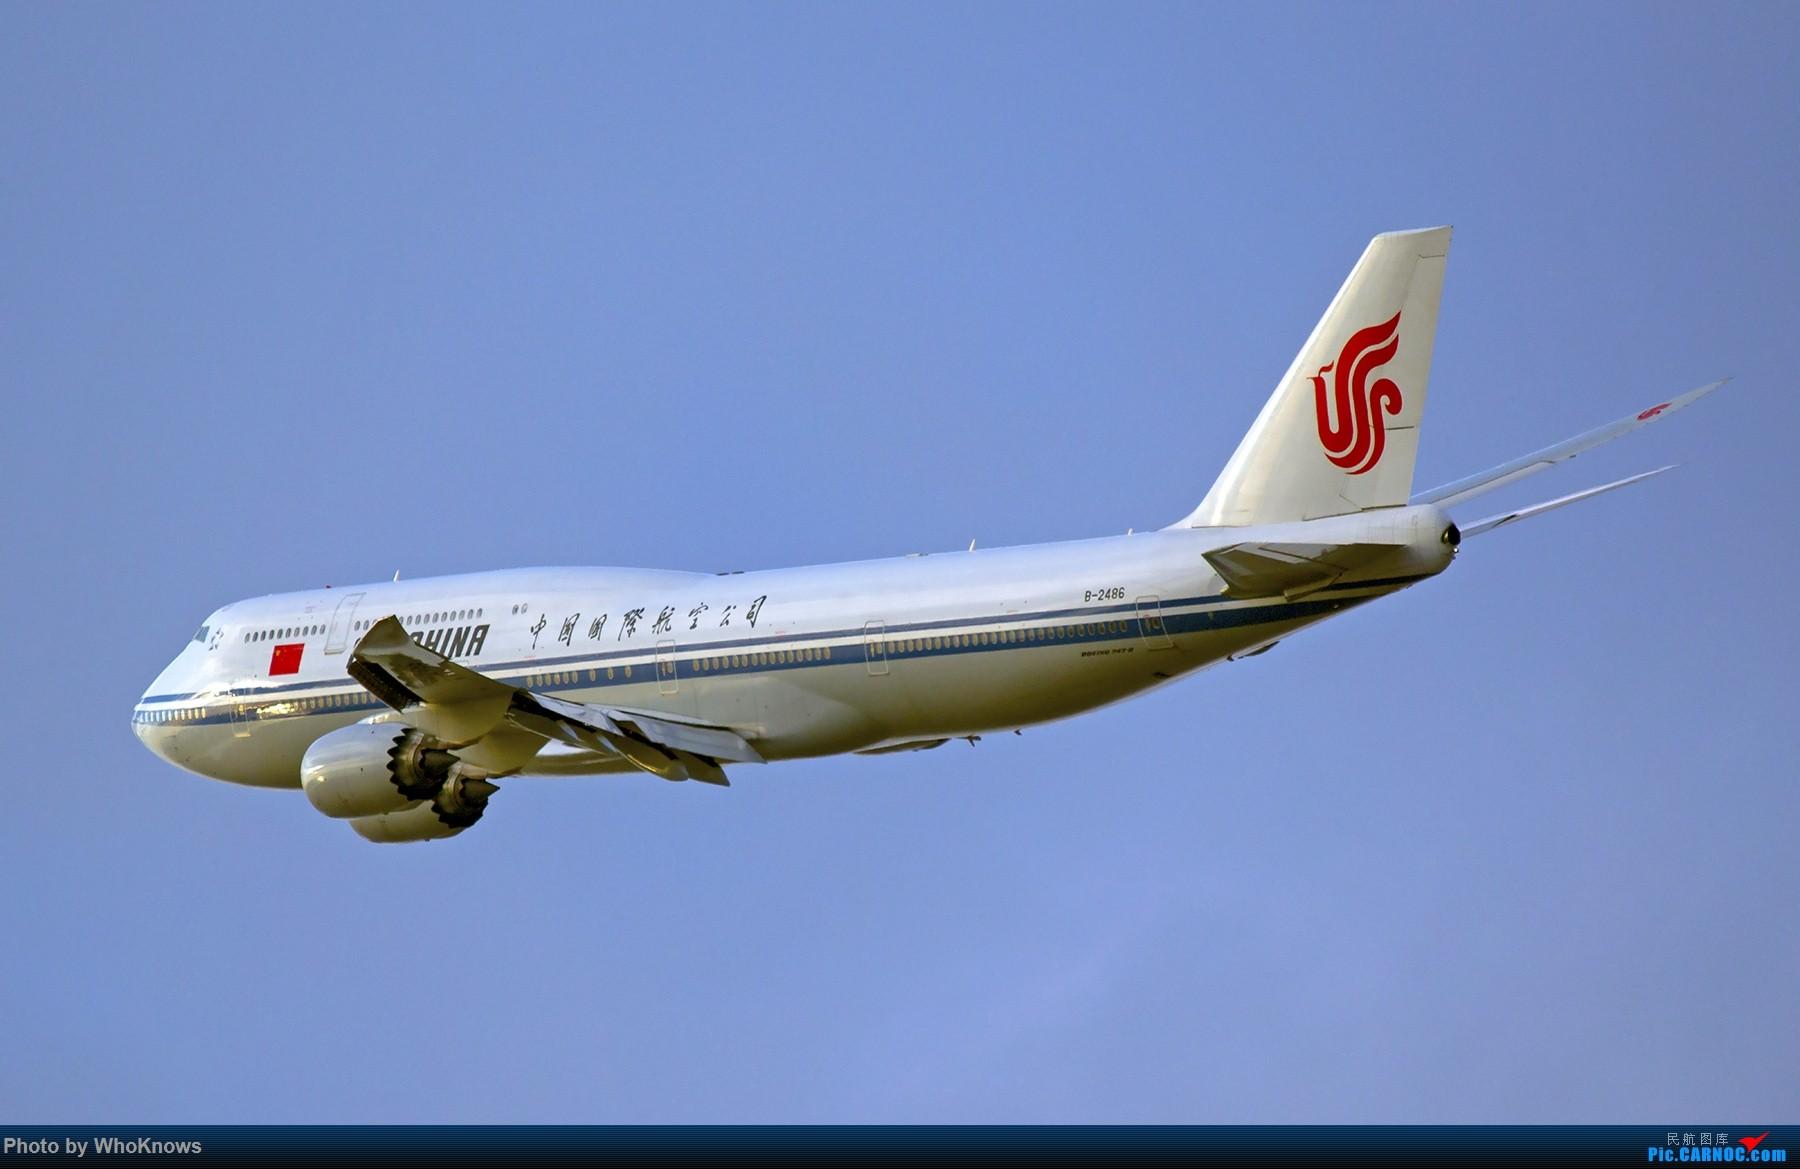 [原创]鸡年收官拍了 BOEING 747-8I B-2486 美国纽约约翰·菲茨杰拉德·肯尼迪国际机场